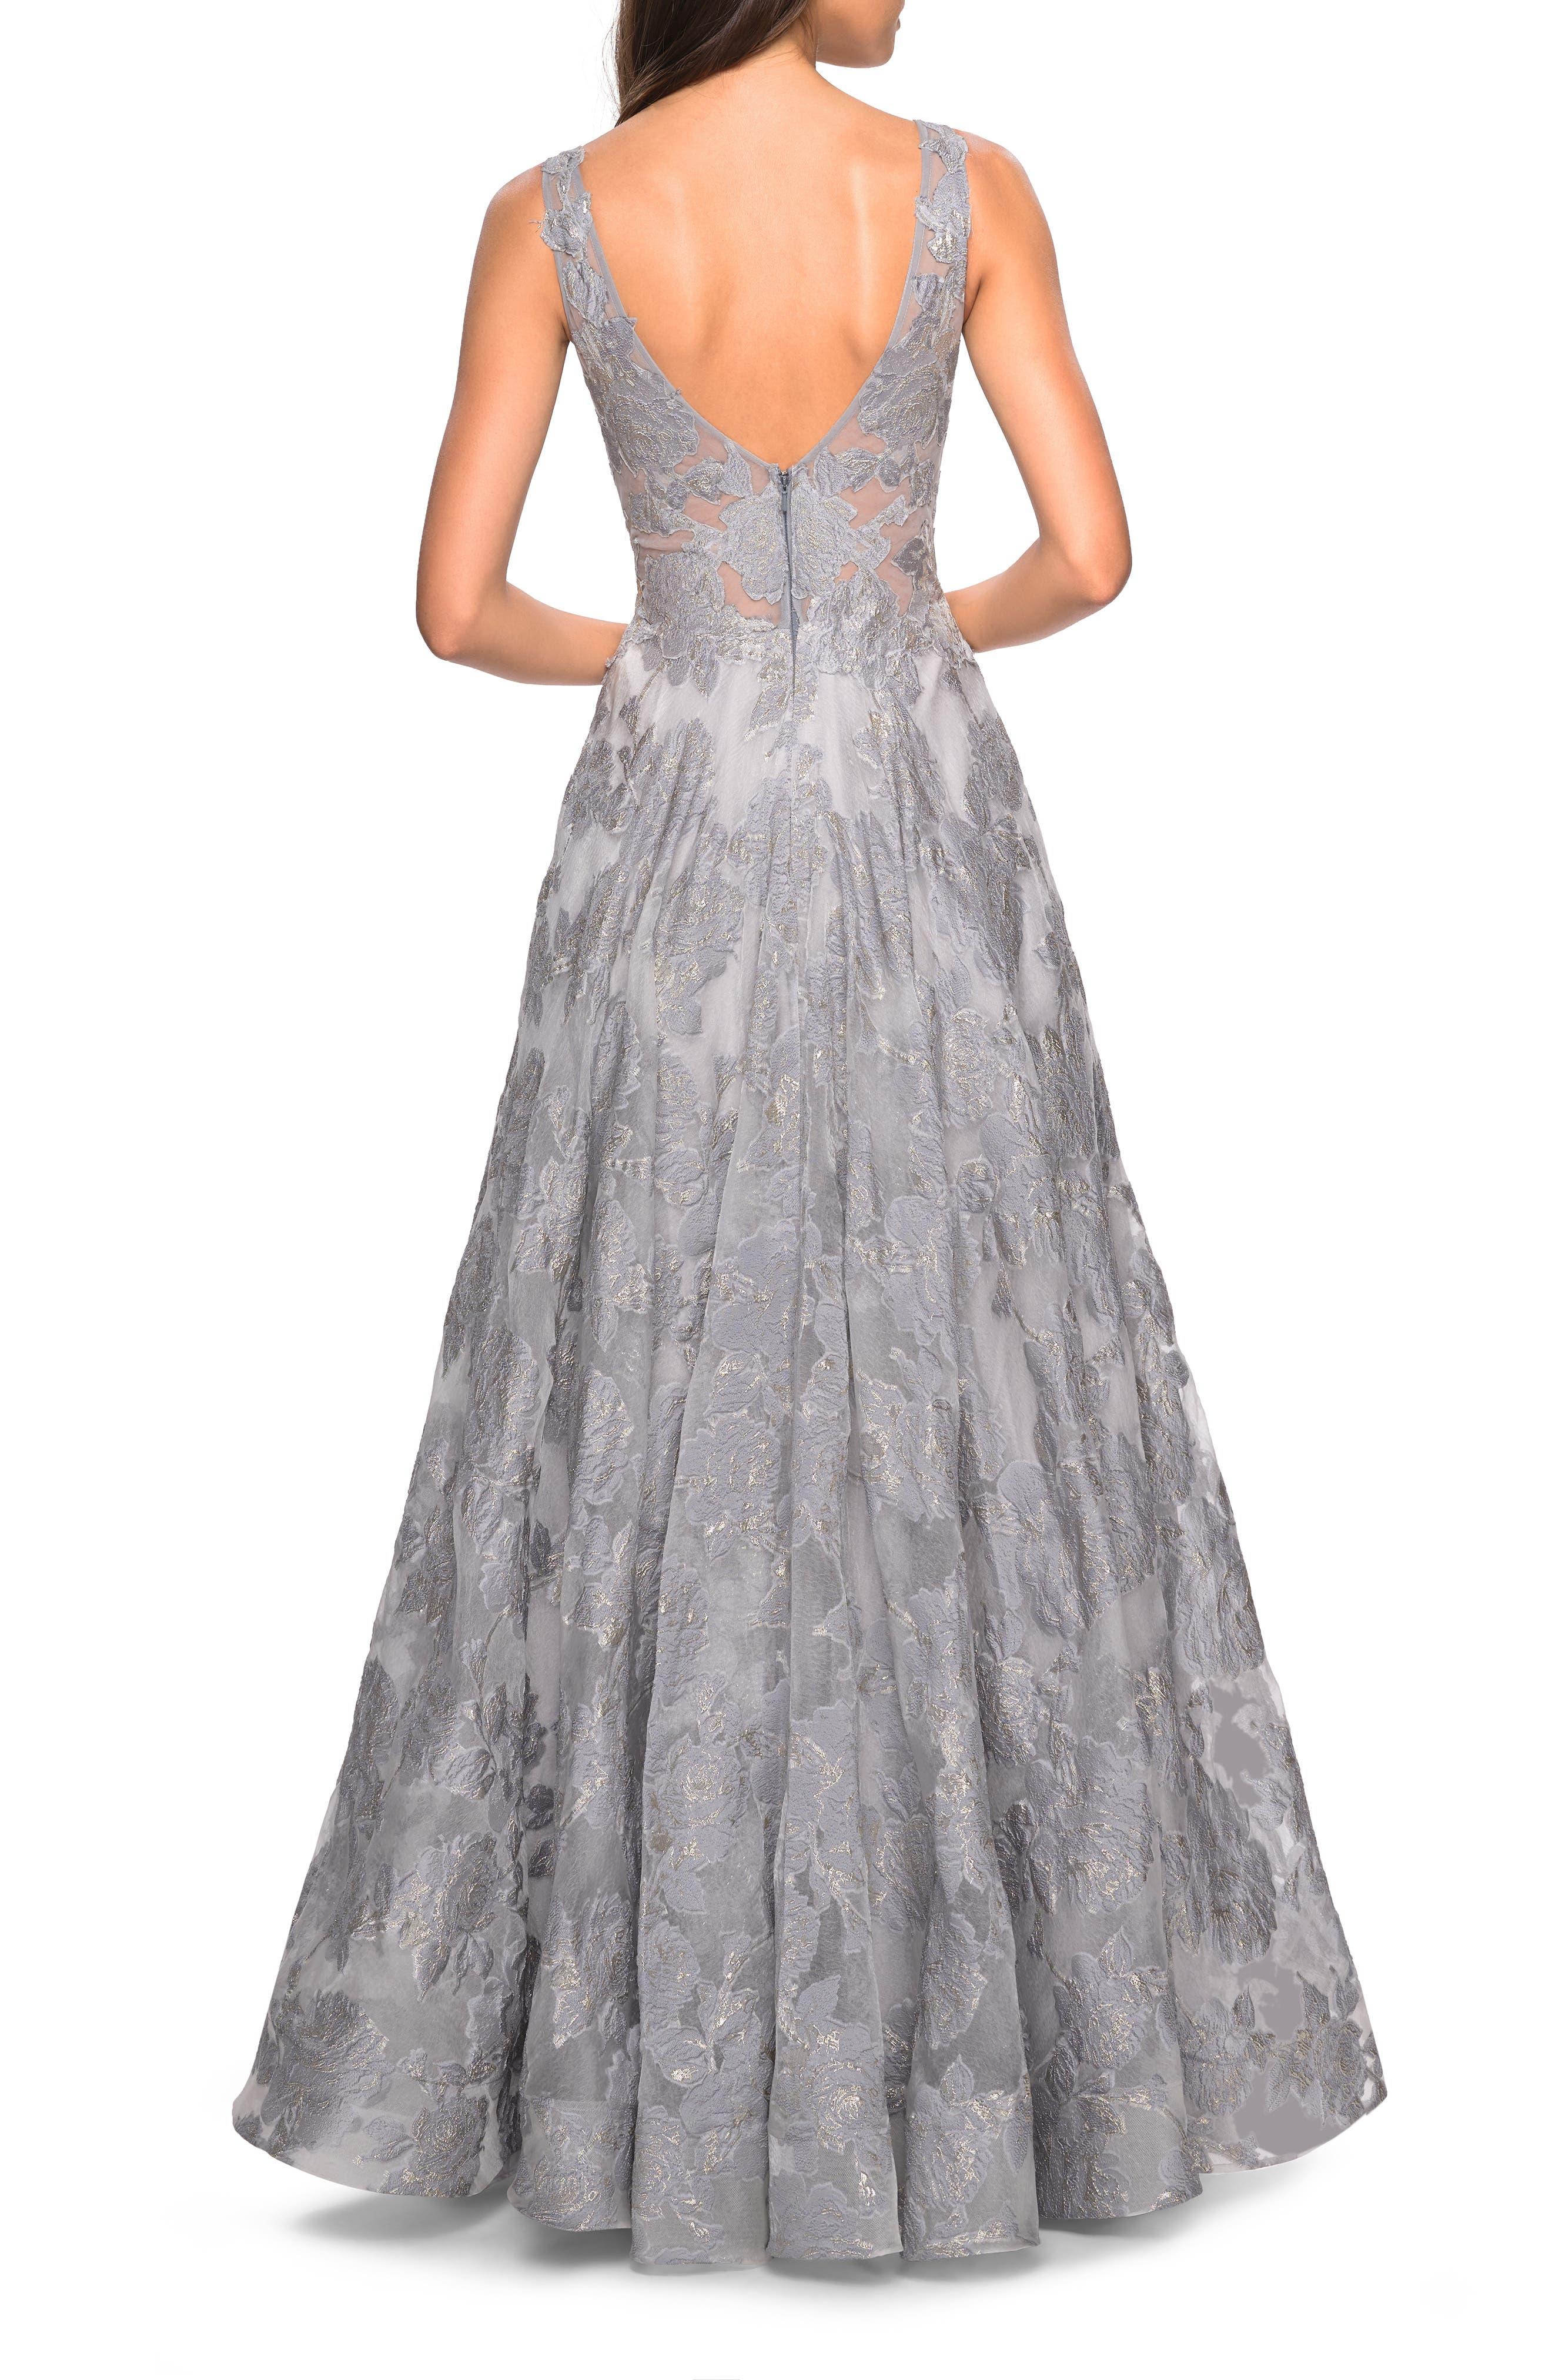 LA FEMME,                             Lace A-Line Evening Dress,                             Alternate thumbnail 2, color,                             SILVER